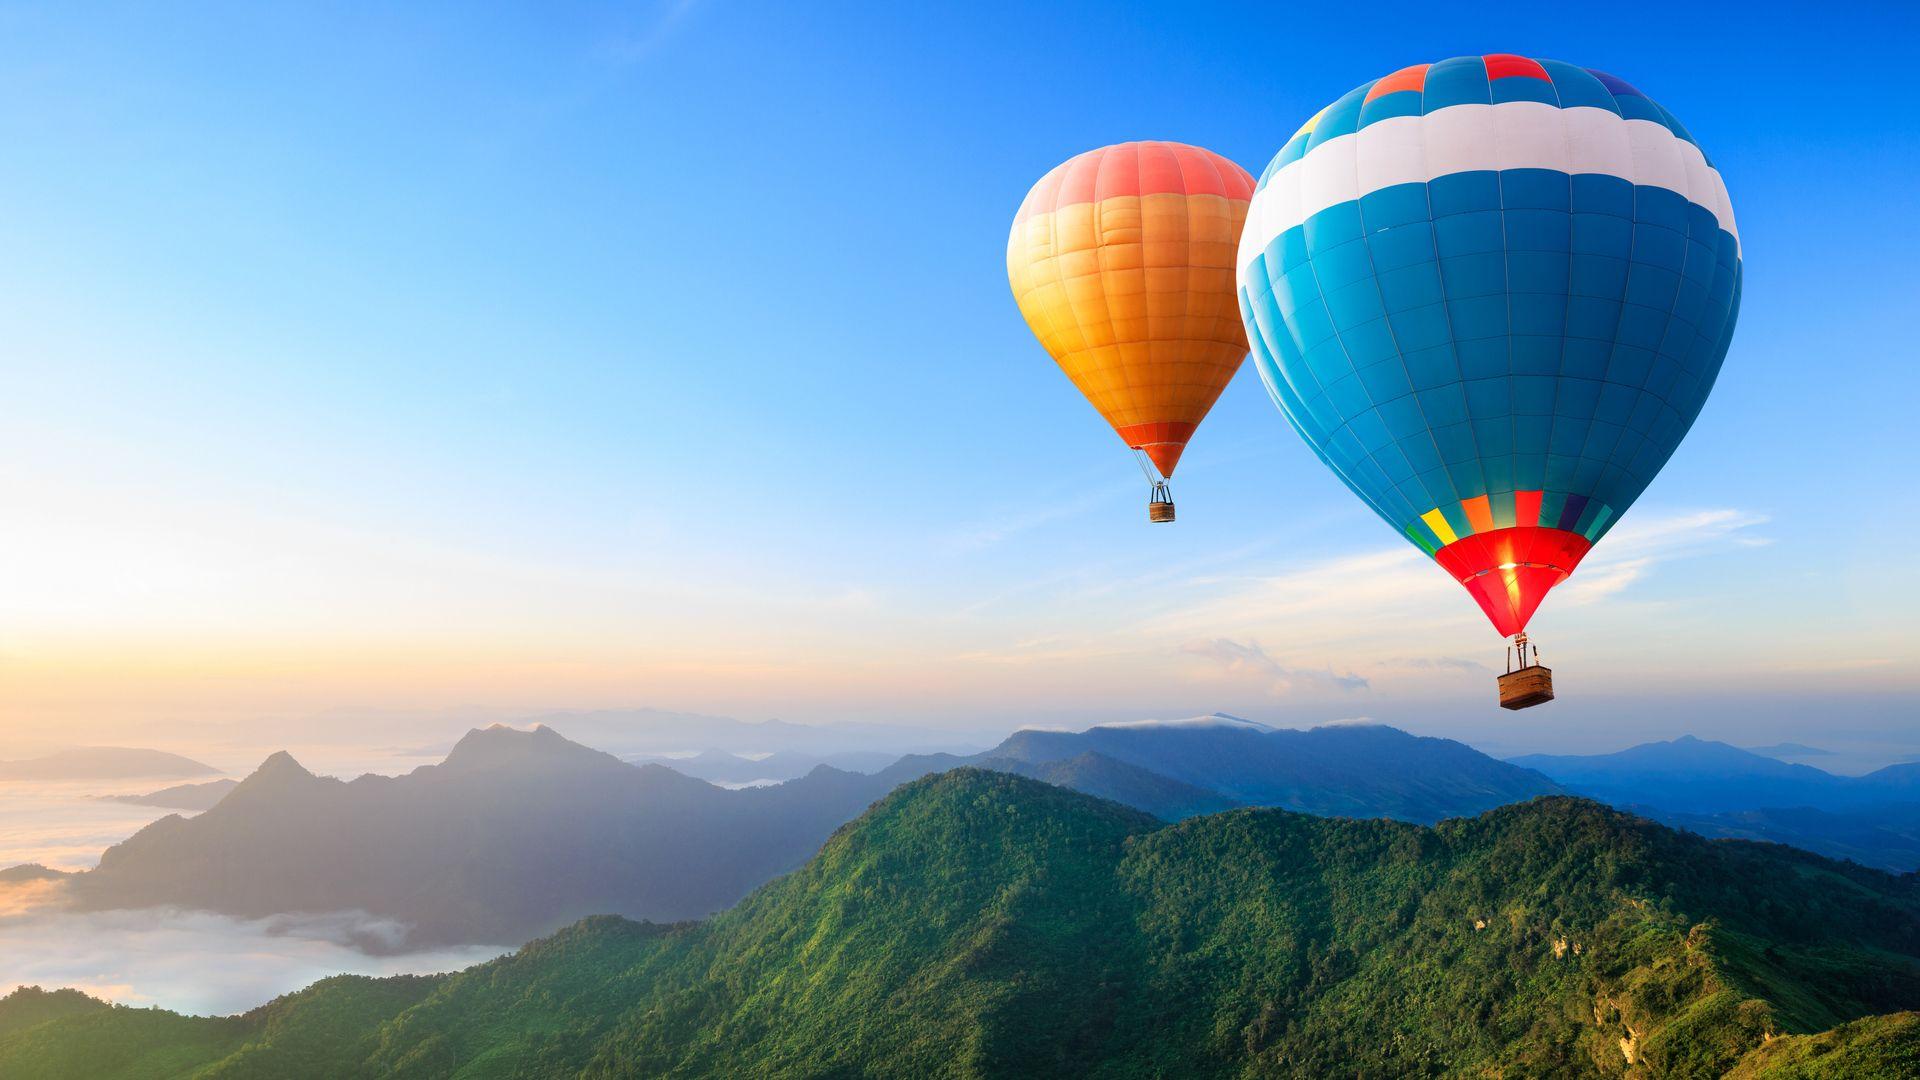 Nature and Balloons HD Wallpaper Hot air balloon rides